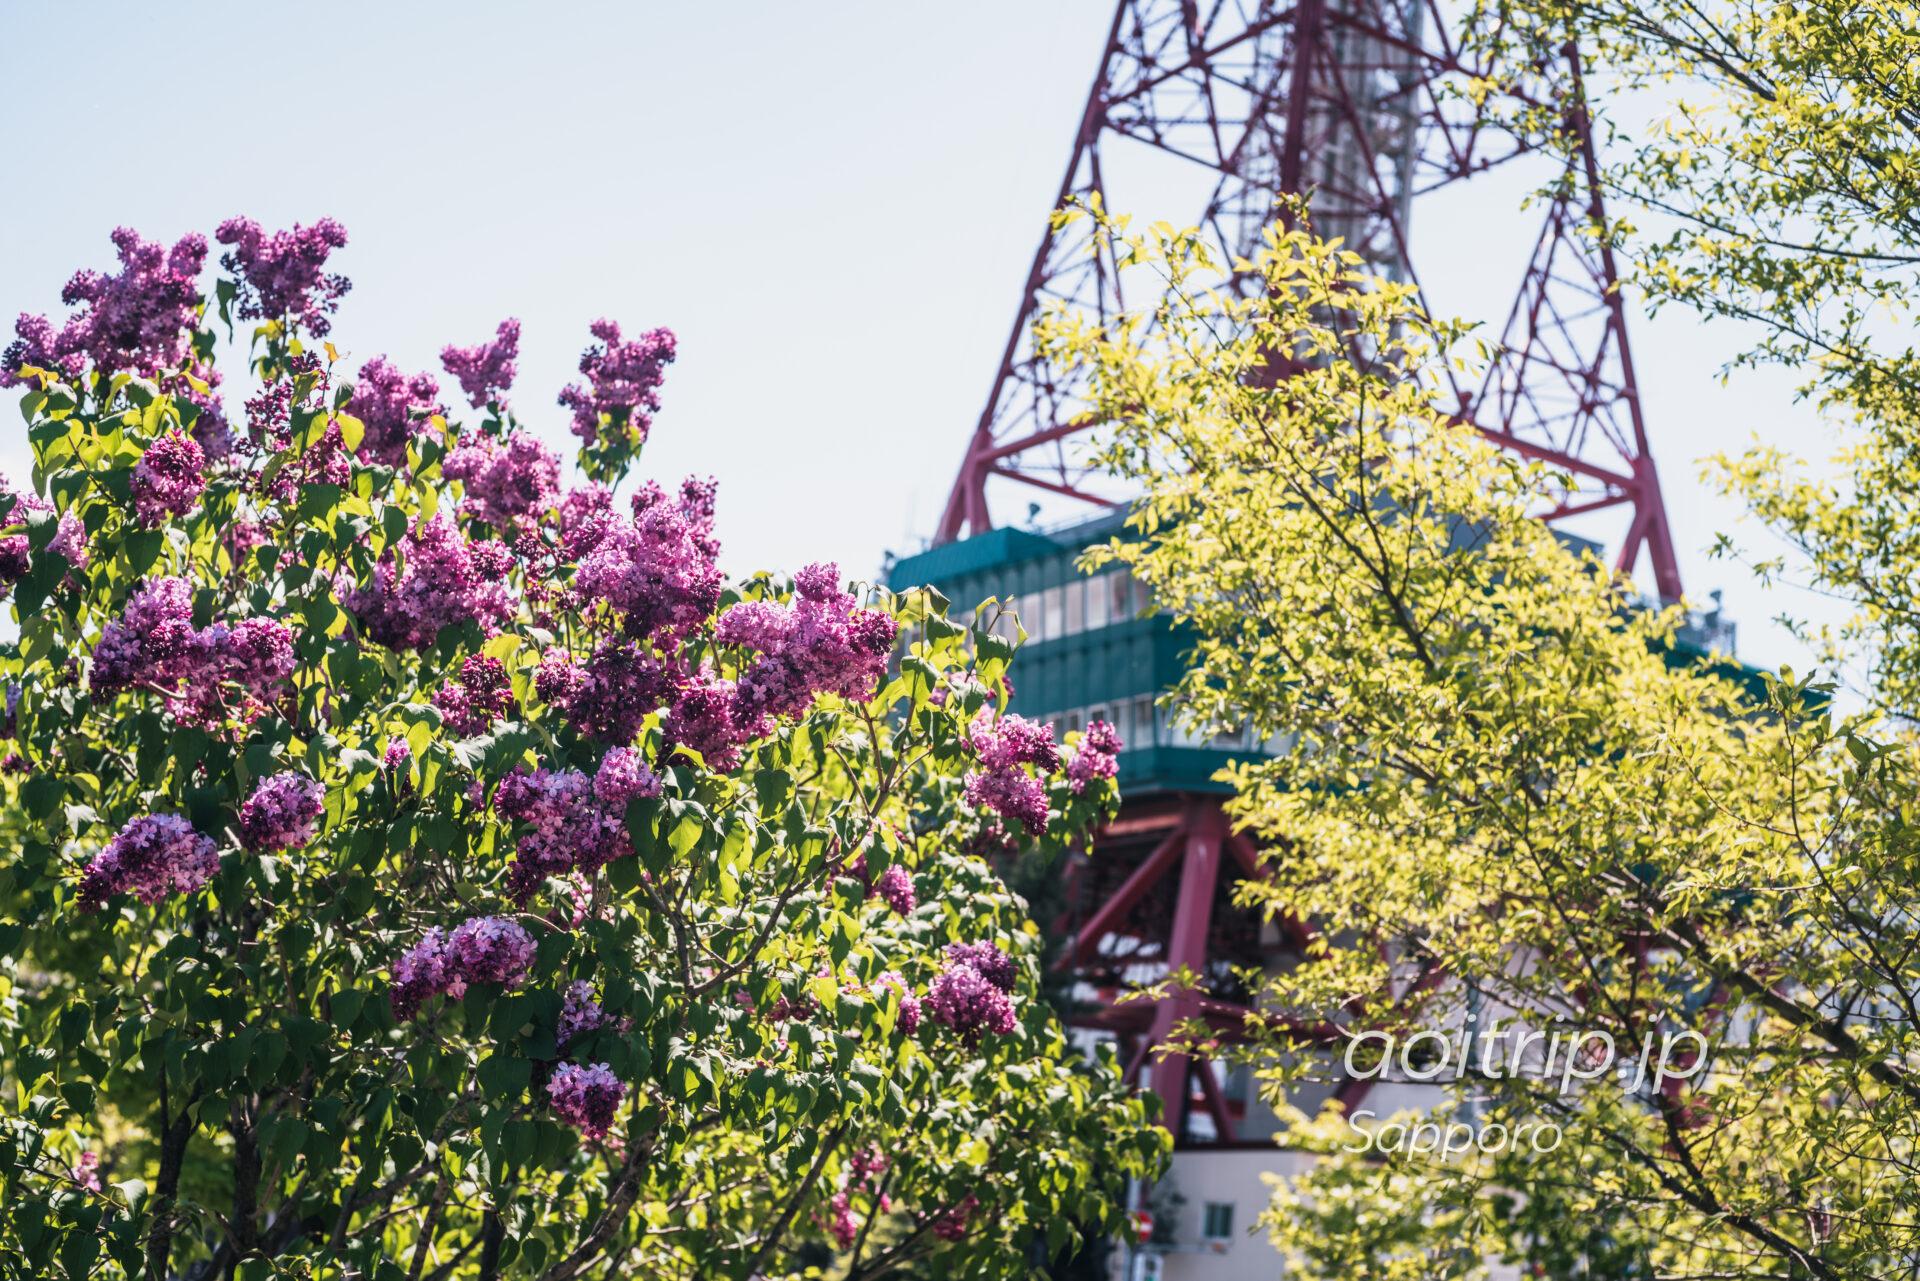 創成川公園のライラックとさっぽろテレビ塔